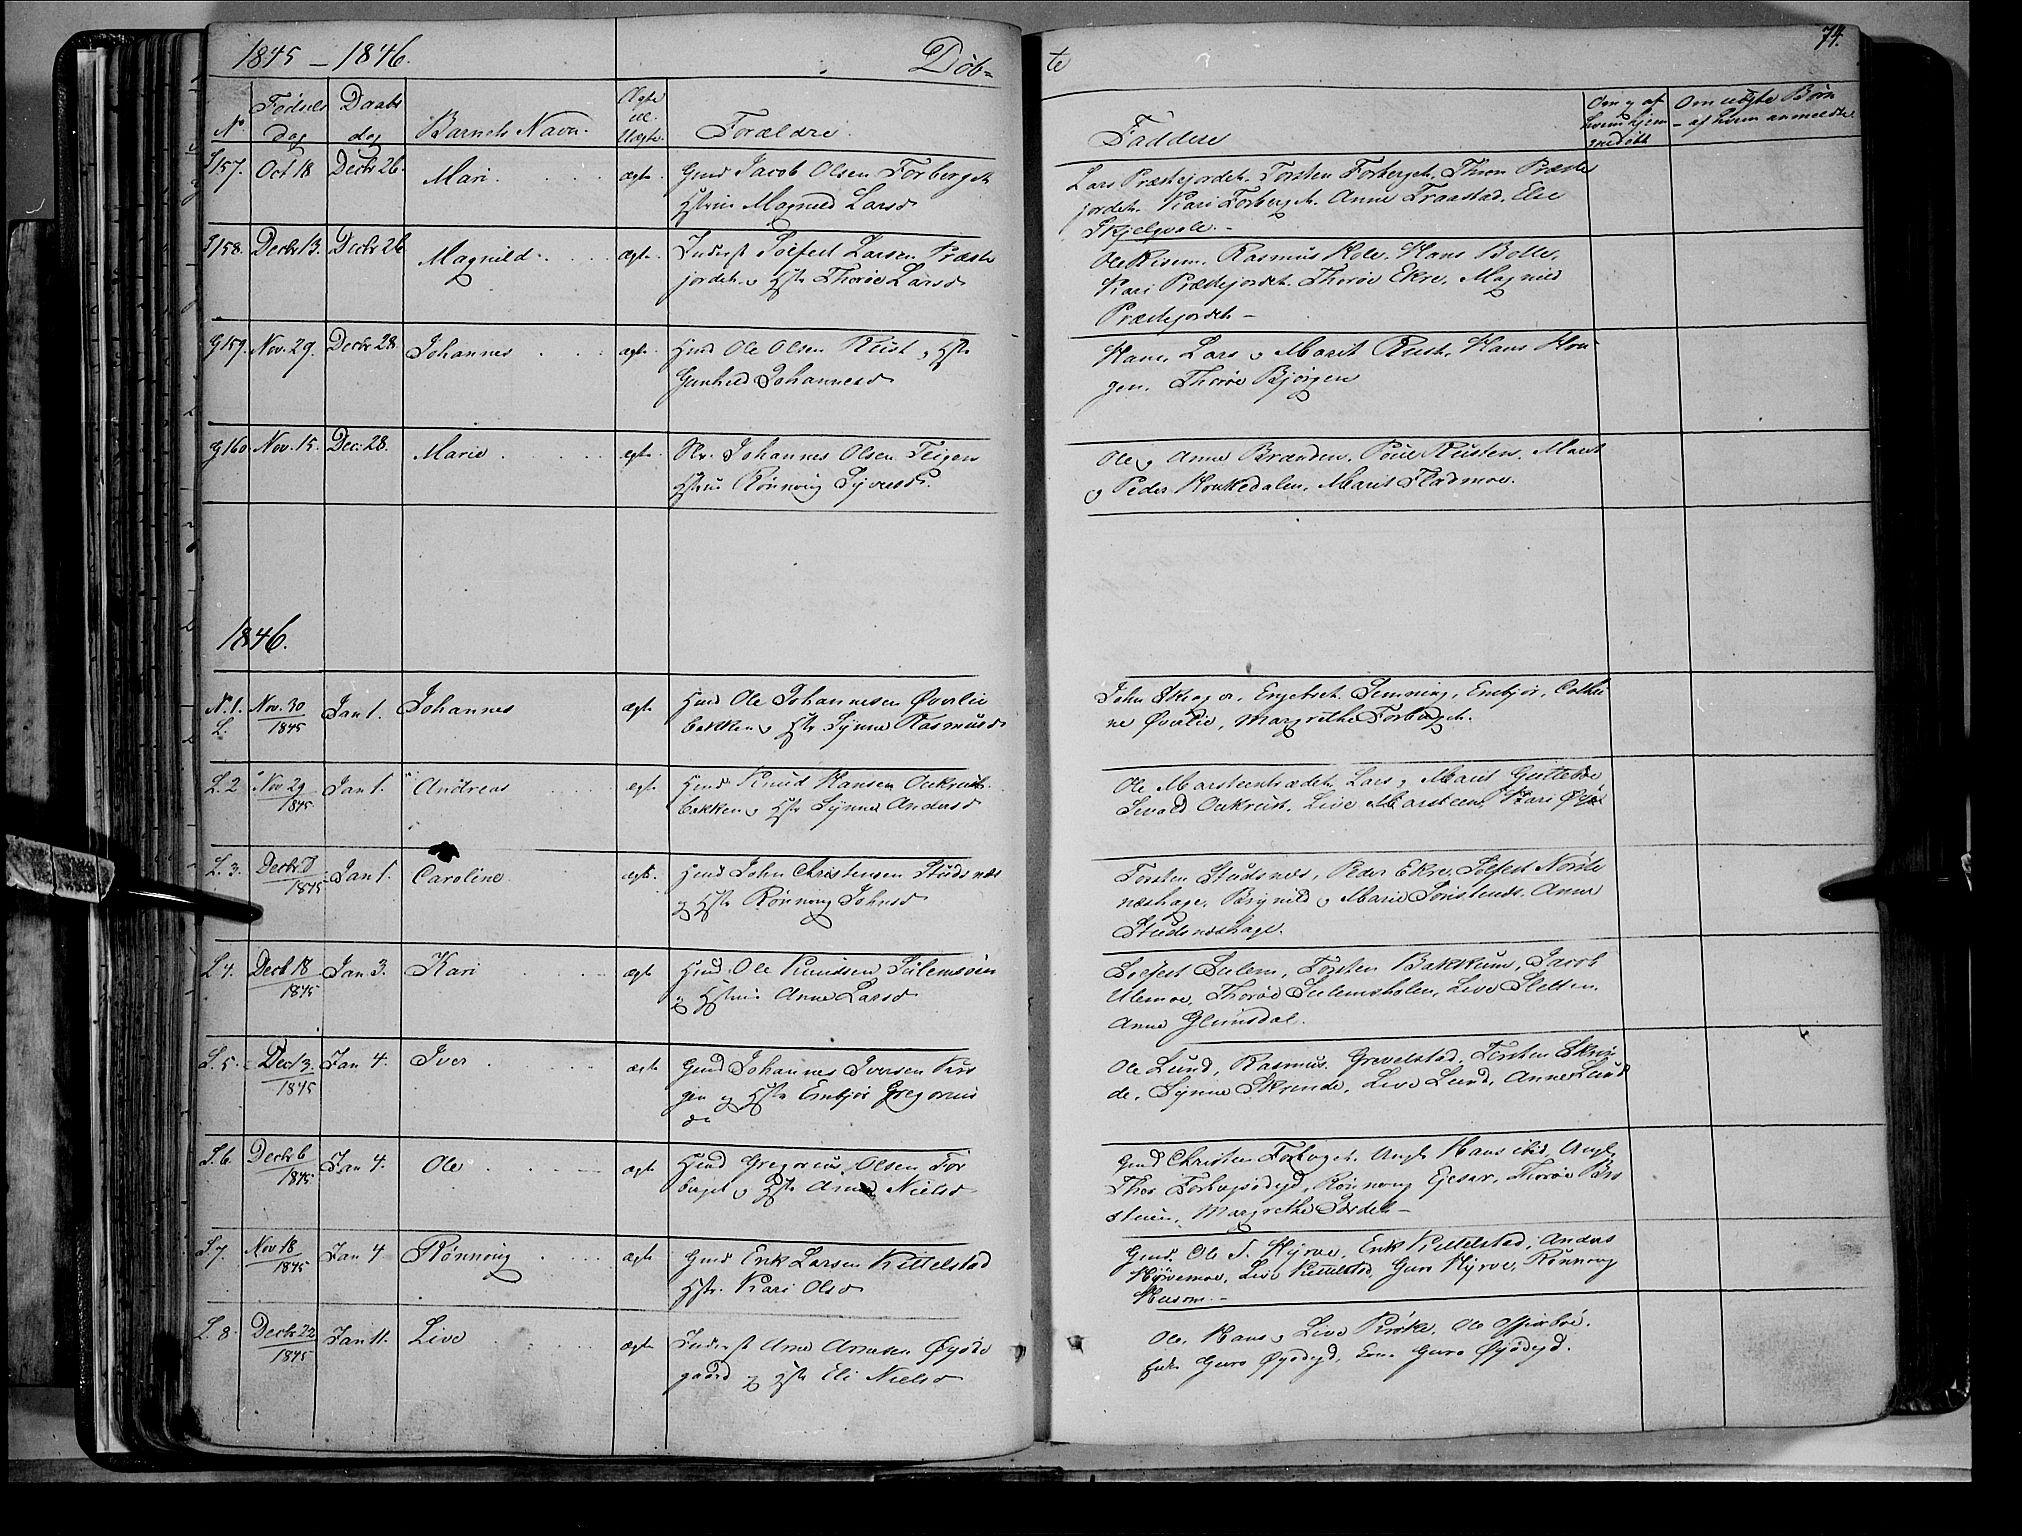 SAH, Lom prestekontor, K/L0006: Ministerialbok nr. 6A, 1837-1863, s. 74